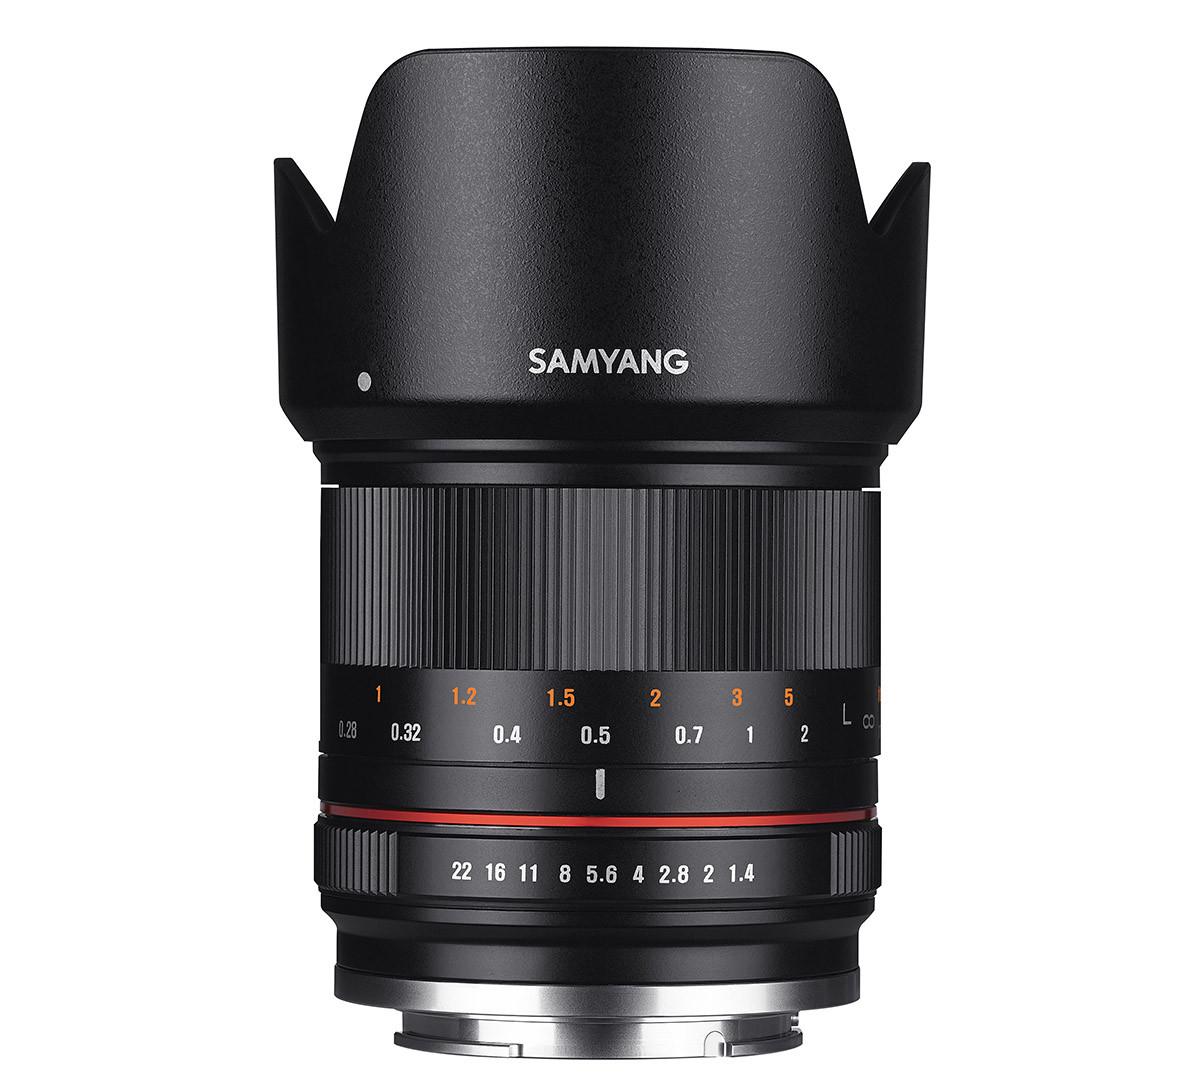 Samyang 21mm f/1,4 ED AS UMC CS objektiv